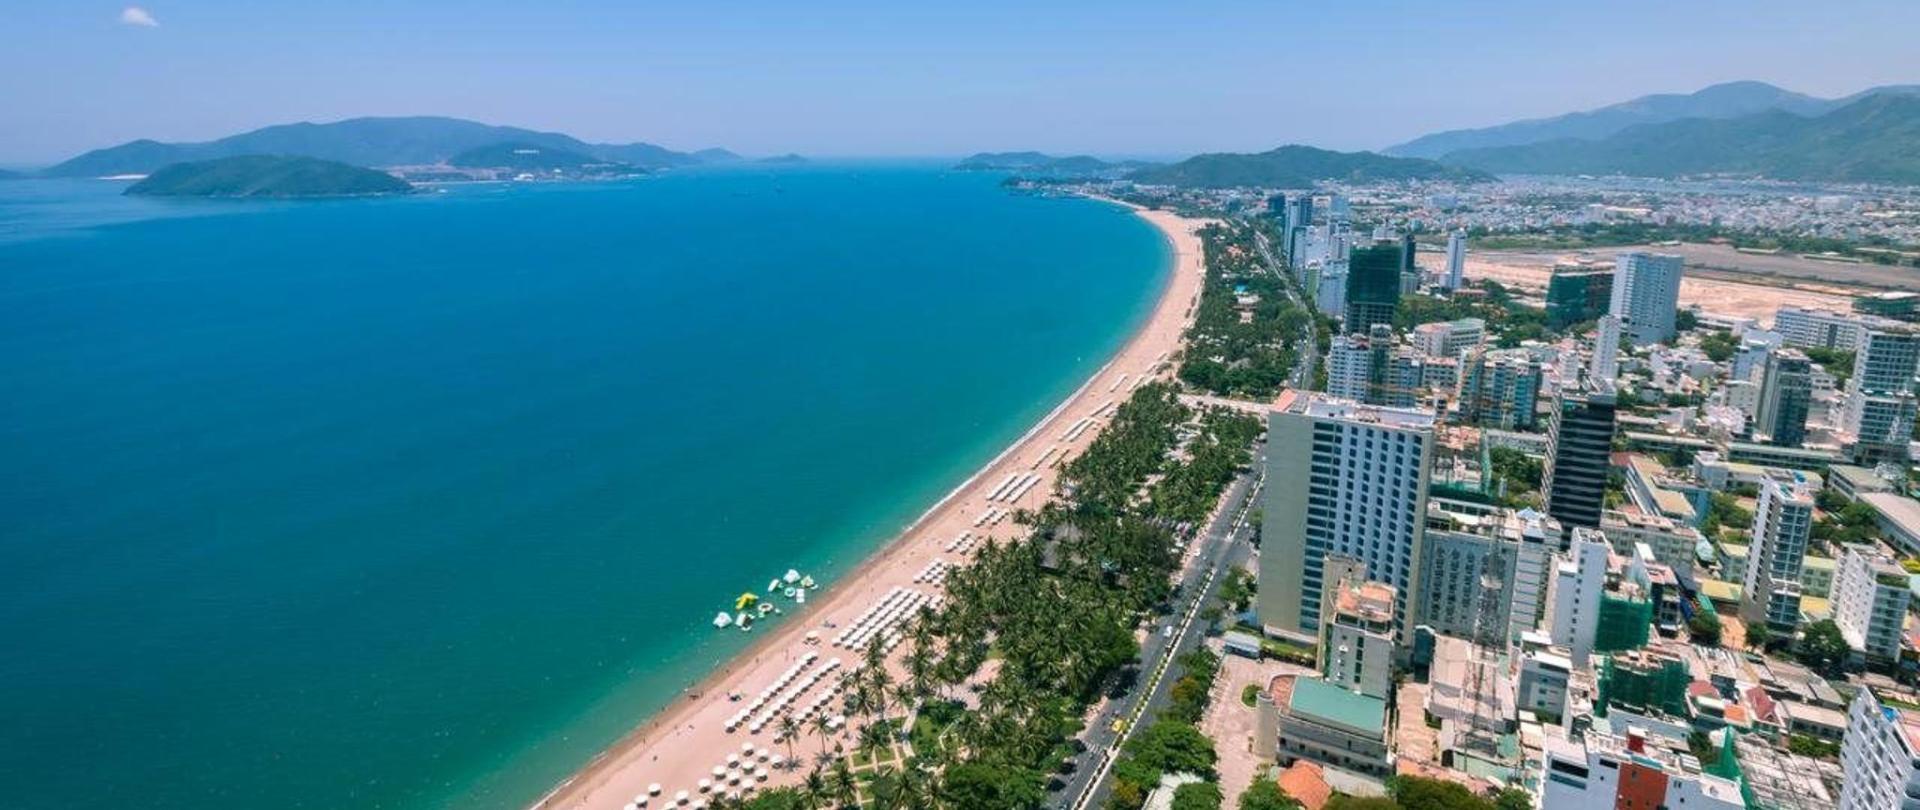 Nha trang - Thành phố biển với bãi cát trắng trải dài